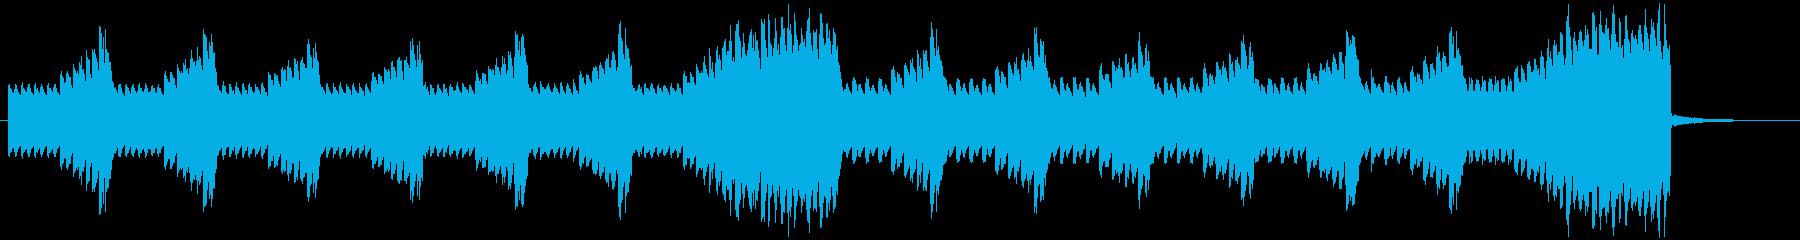 8bitのSTG風なSE・ジングルの再生済みの波形